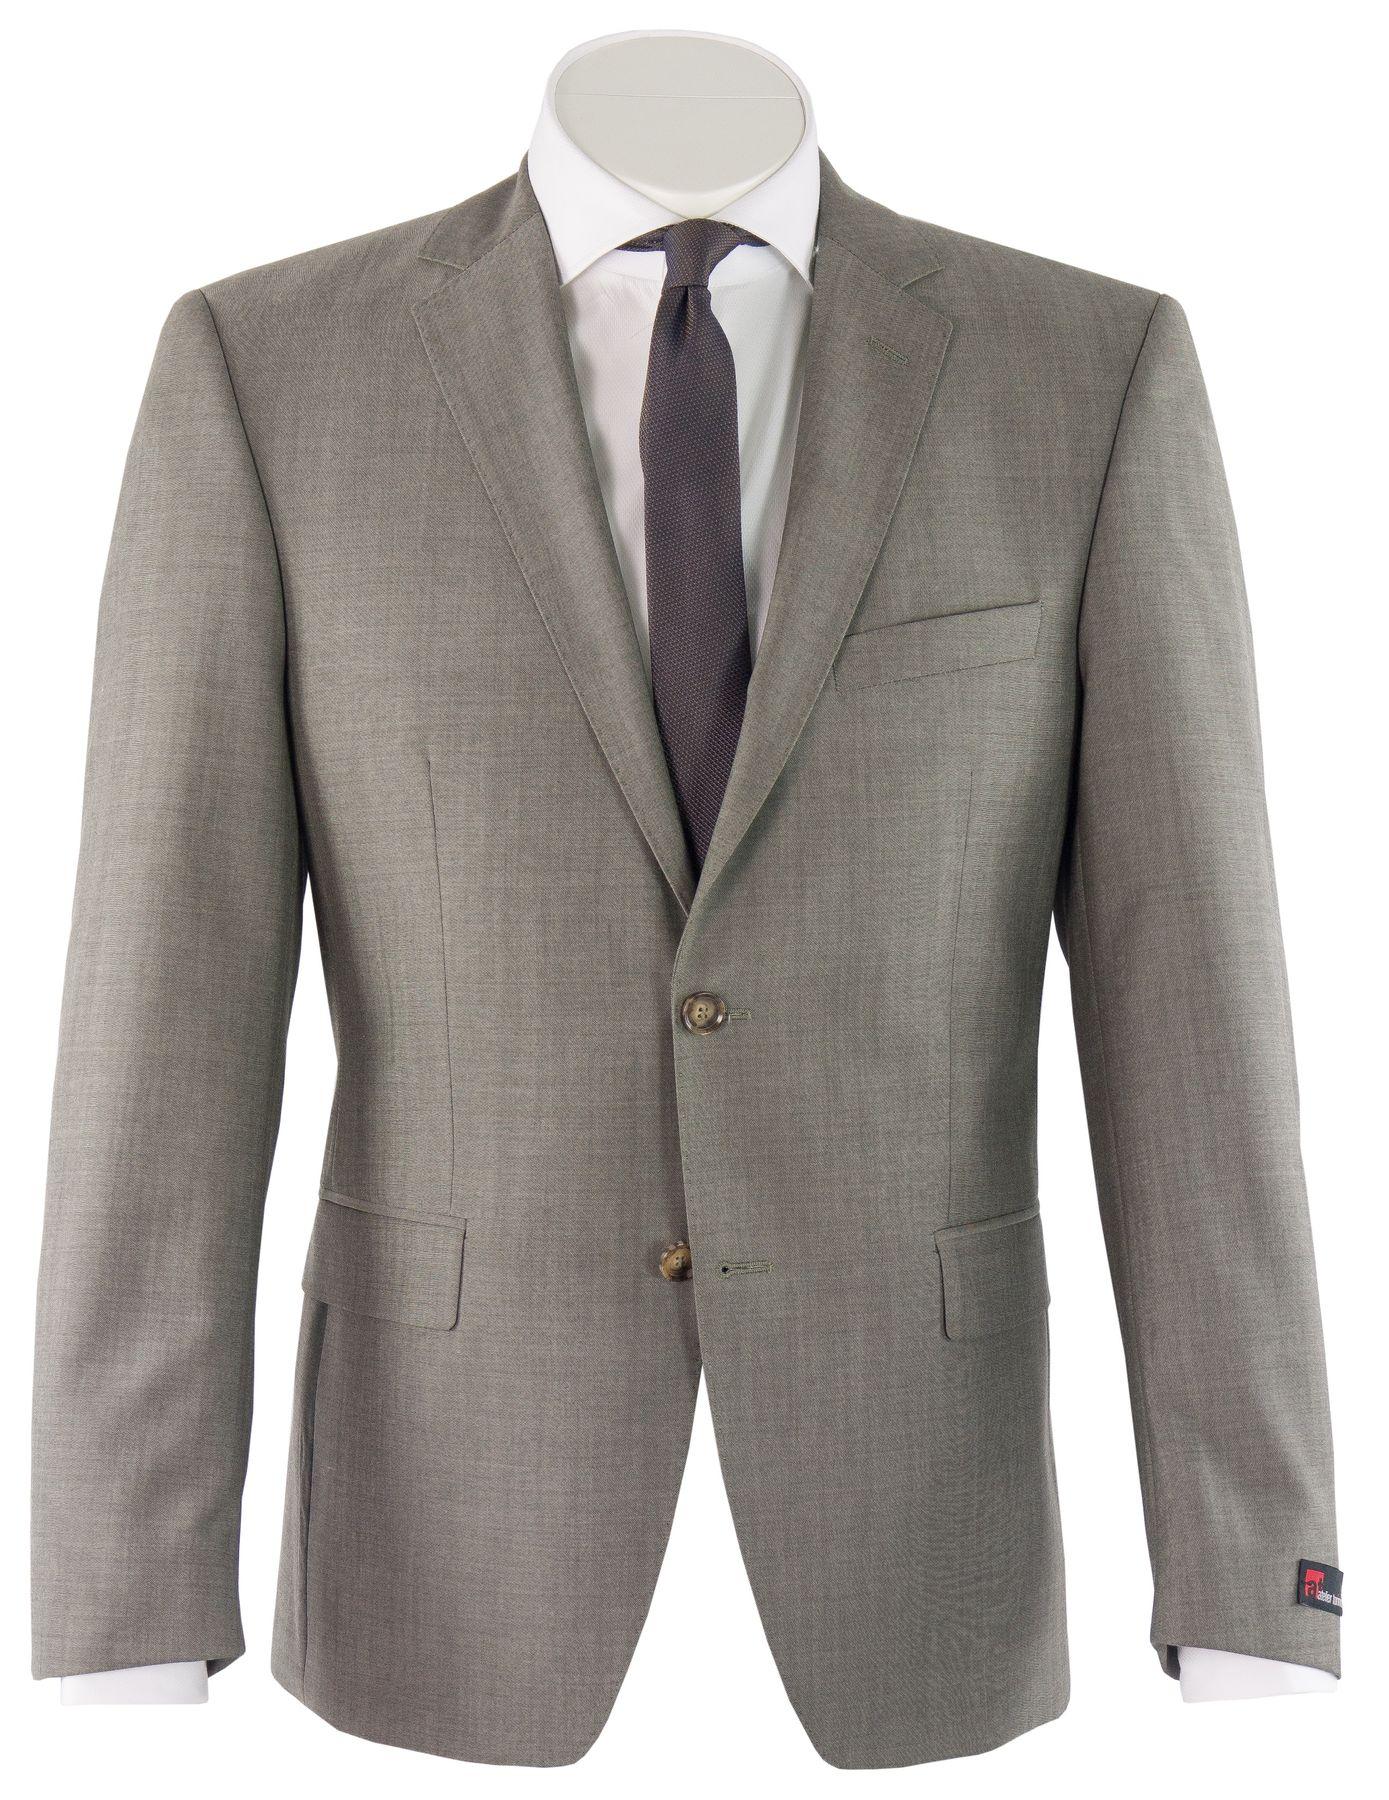 Atelier Torino - Classic Fit - Herren Baukasten Anzug aus Super 100'S Schurwolle, Weber: Marlane Primatist, Giorgio SS/Bill (831102) – Bild 3